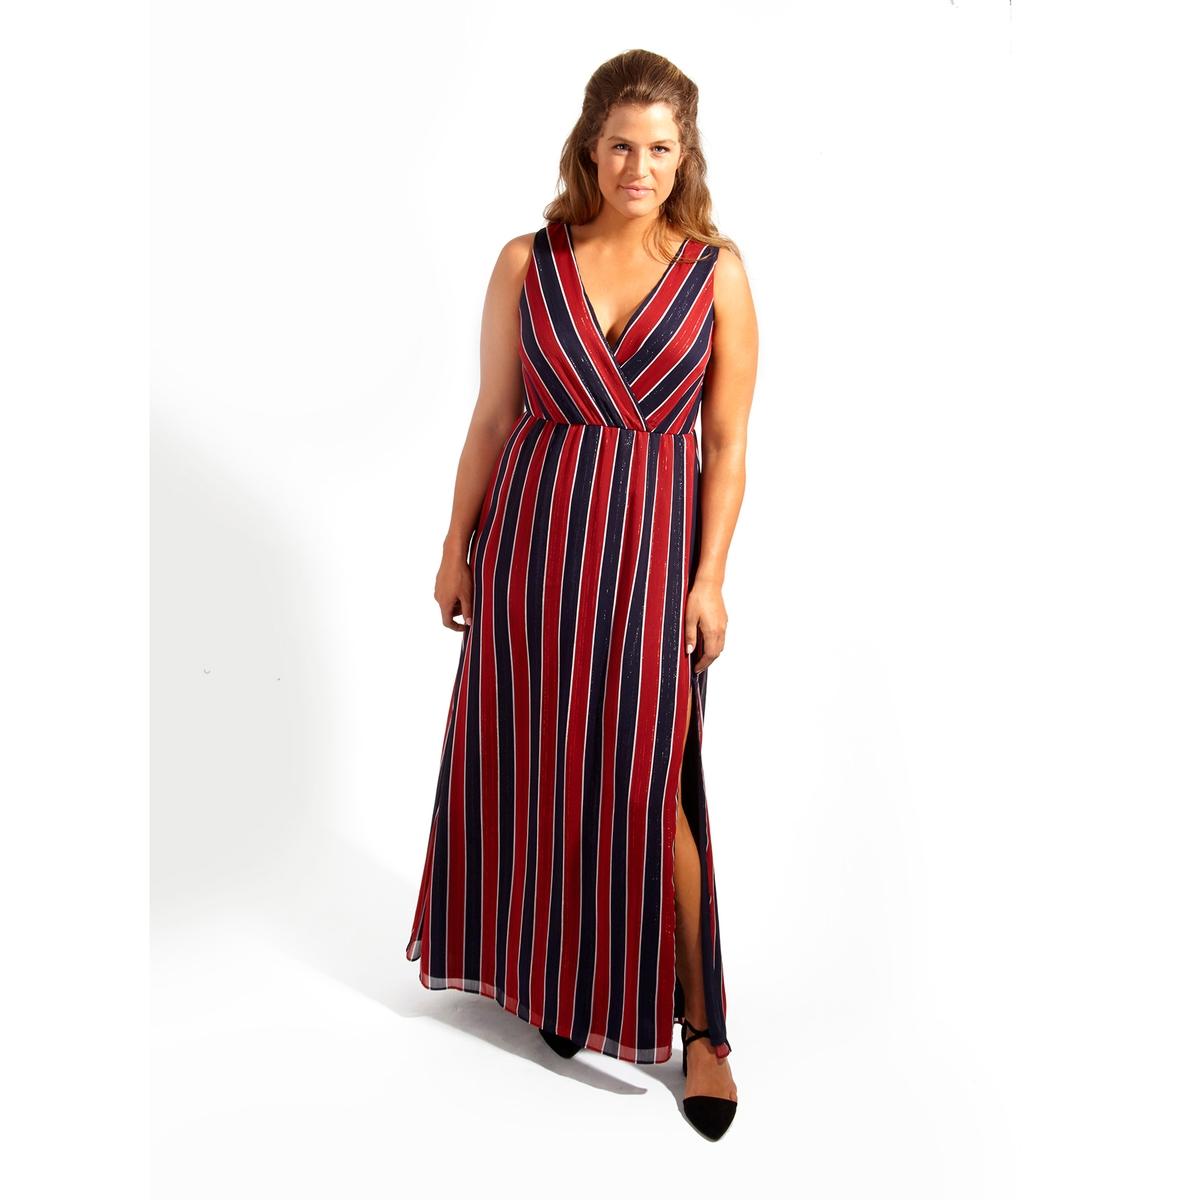 ПлатьеПлатье длинное KOKO BY KOKO. Симпатичное платье макси без рукавов с разрезом до колена . 100% полиэстер<br><br>Цвет: в полоску<br>Размер: 44 (FR) - 50 (RUS).54/56 (FR) - 60/62 (RUS).50/52 (FR) - 56/58 (RUS)